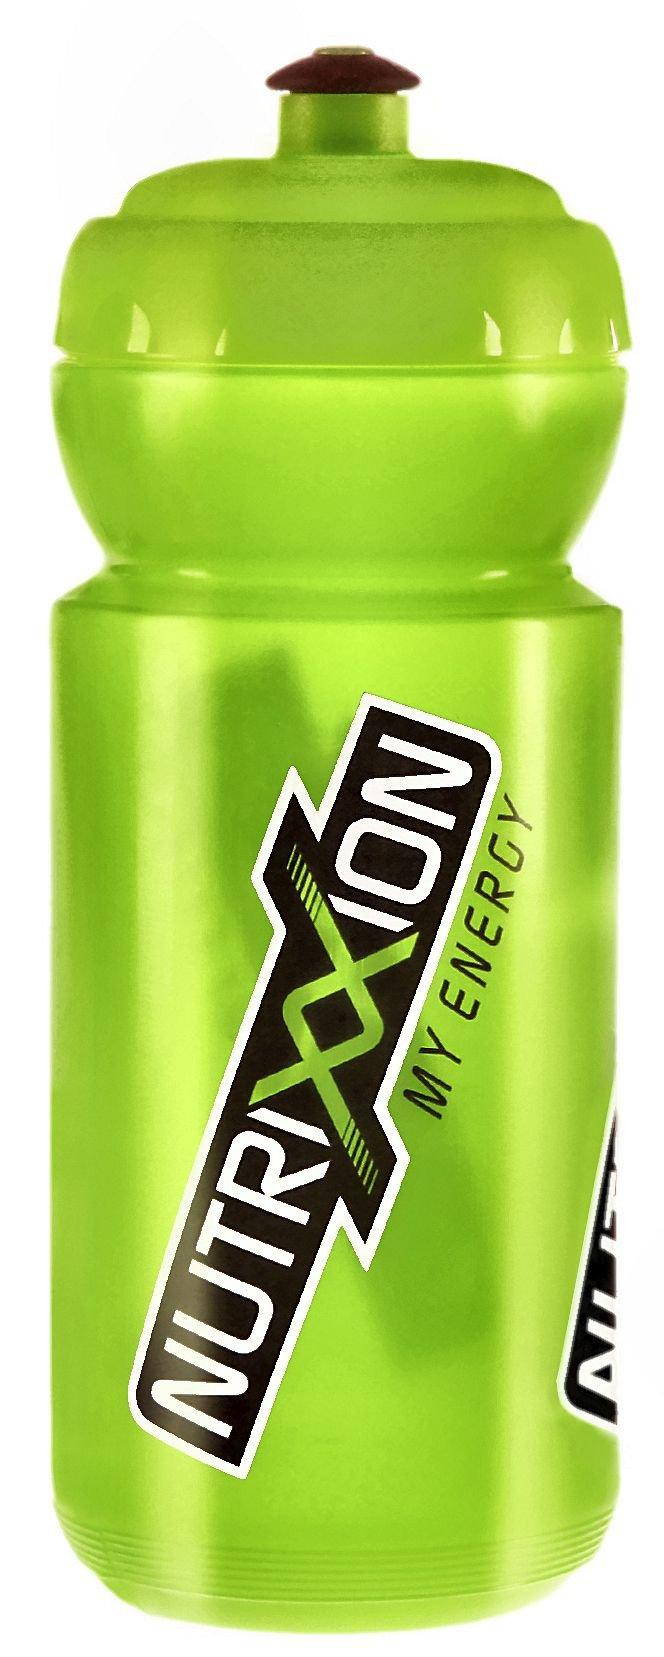 Nutrixxion Trinkflasche Trinkflasche 600ml neon-grün